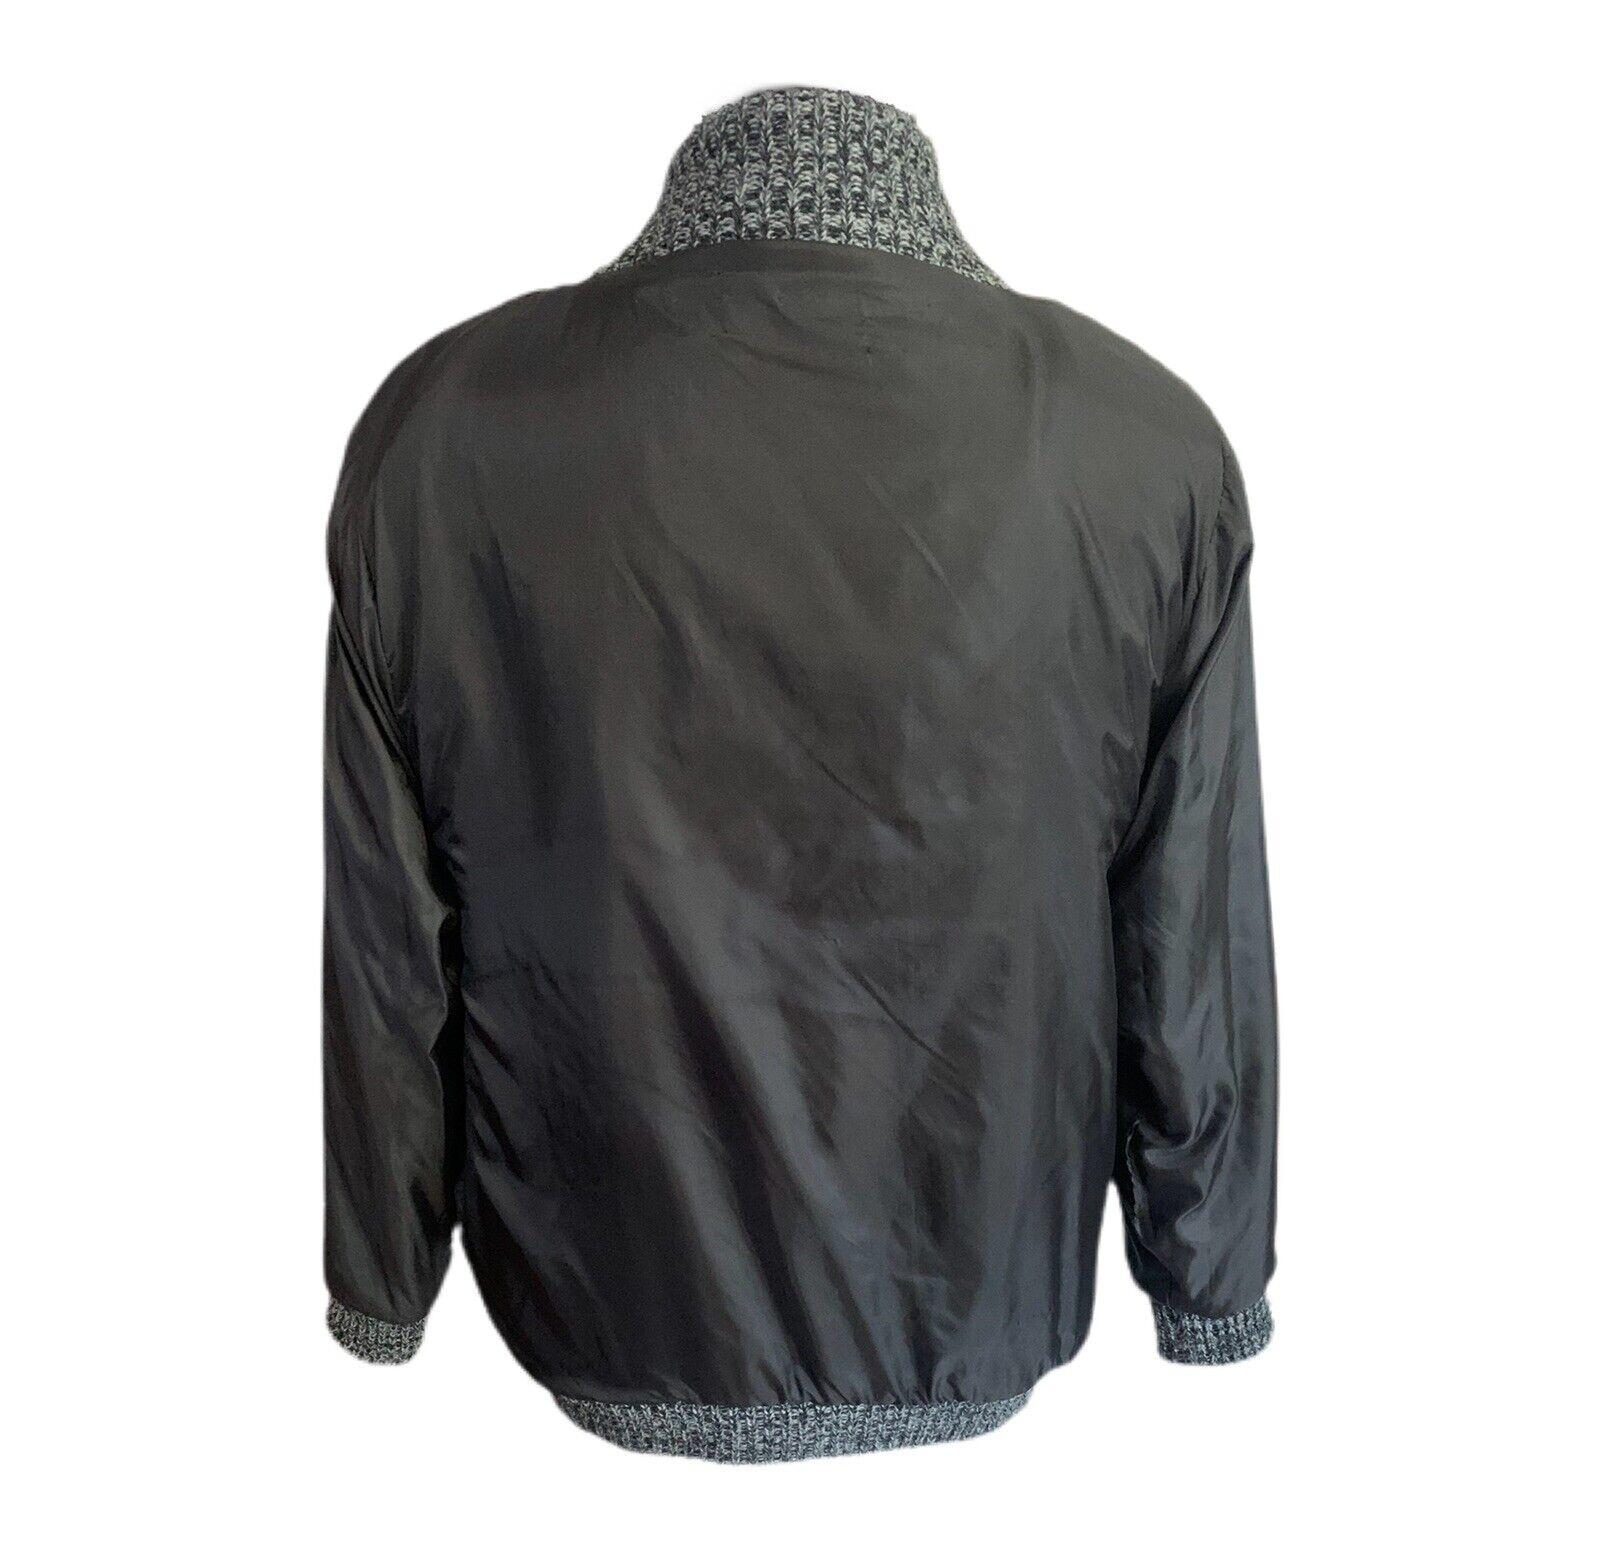 Chimayo Knit Sweater Jacket 80s Vintage Jacket Bo… - image 8